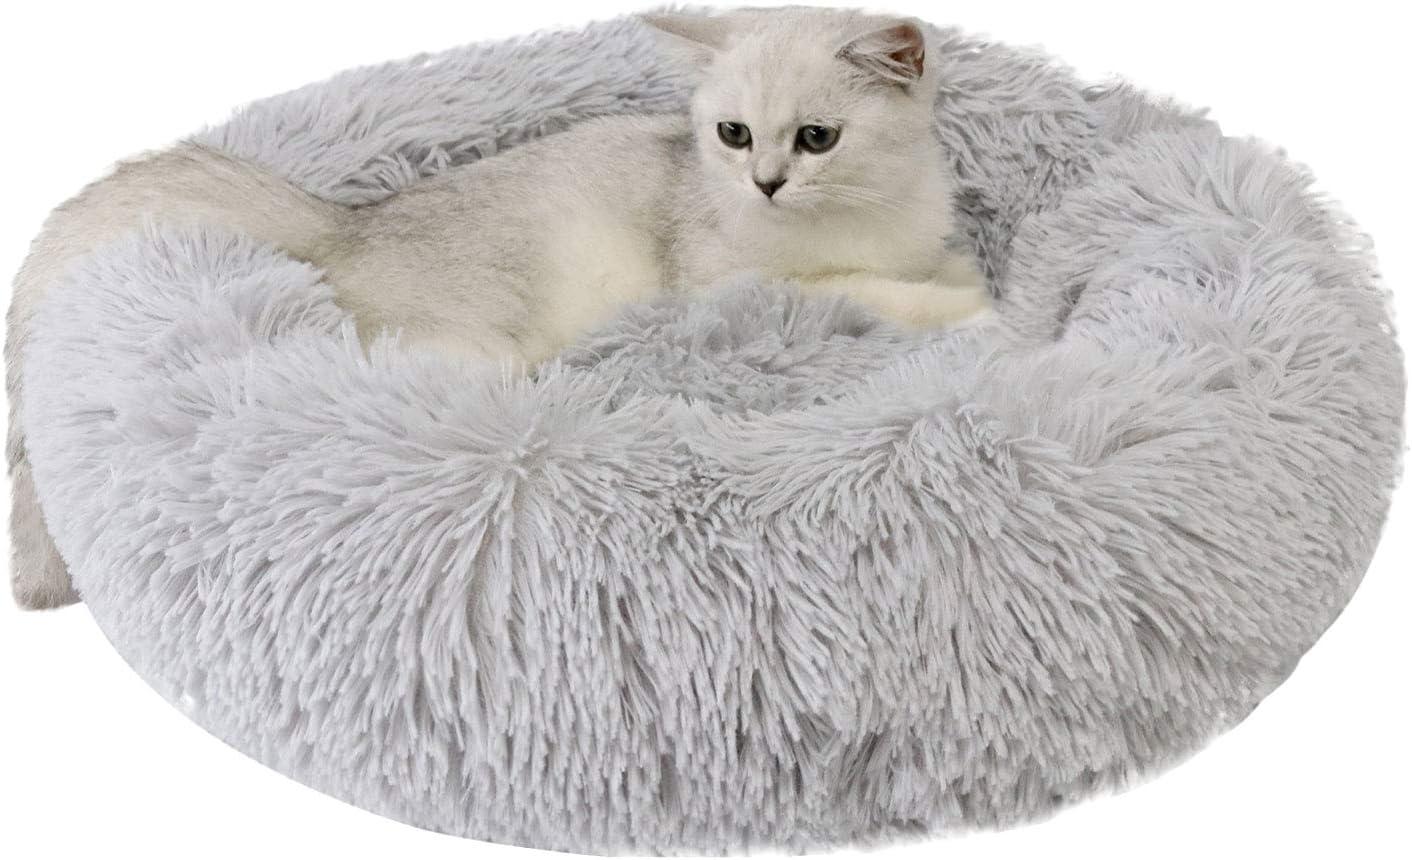 Legendog Cama para Mascotas Creativo Redondo Cálido Suave y Mullido Felpa Cama para Dormir Cama para Gatos